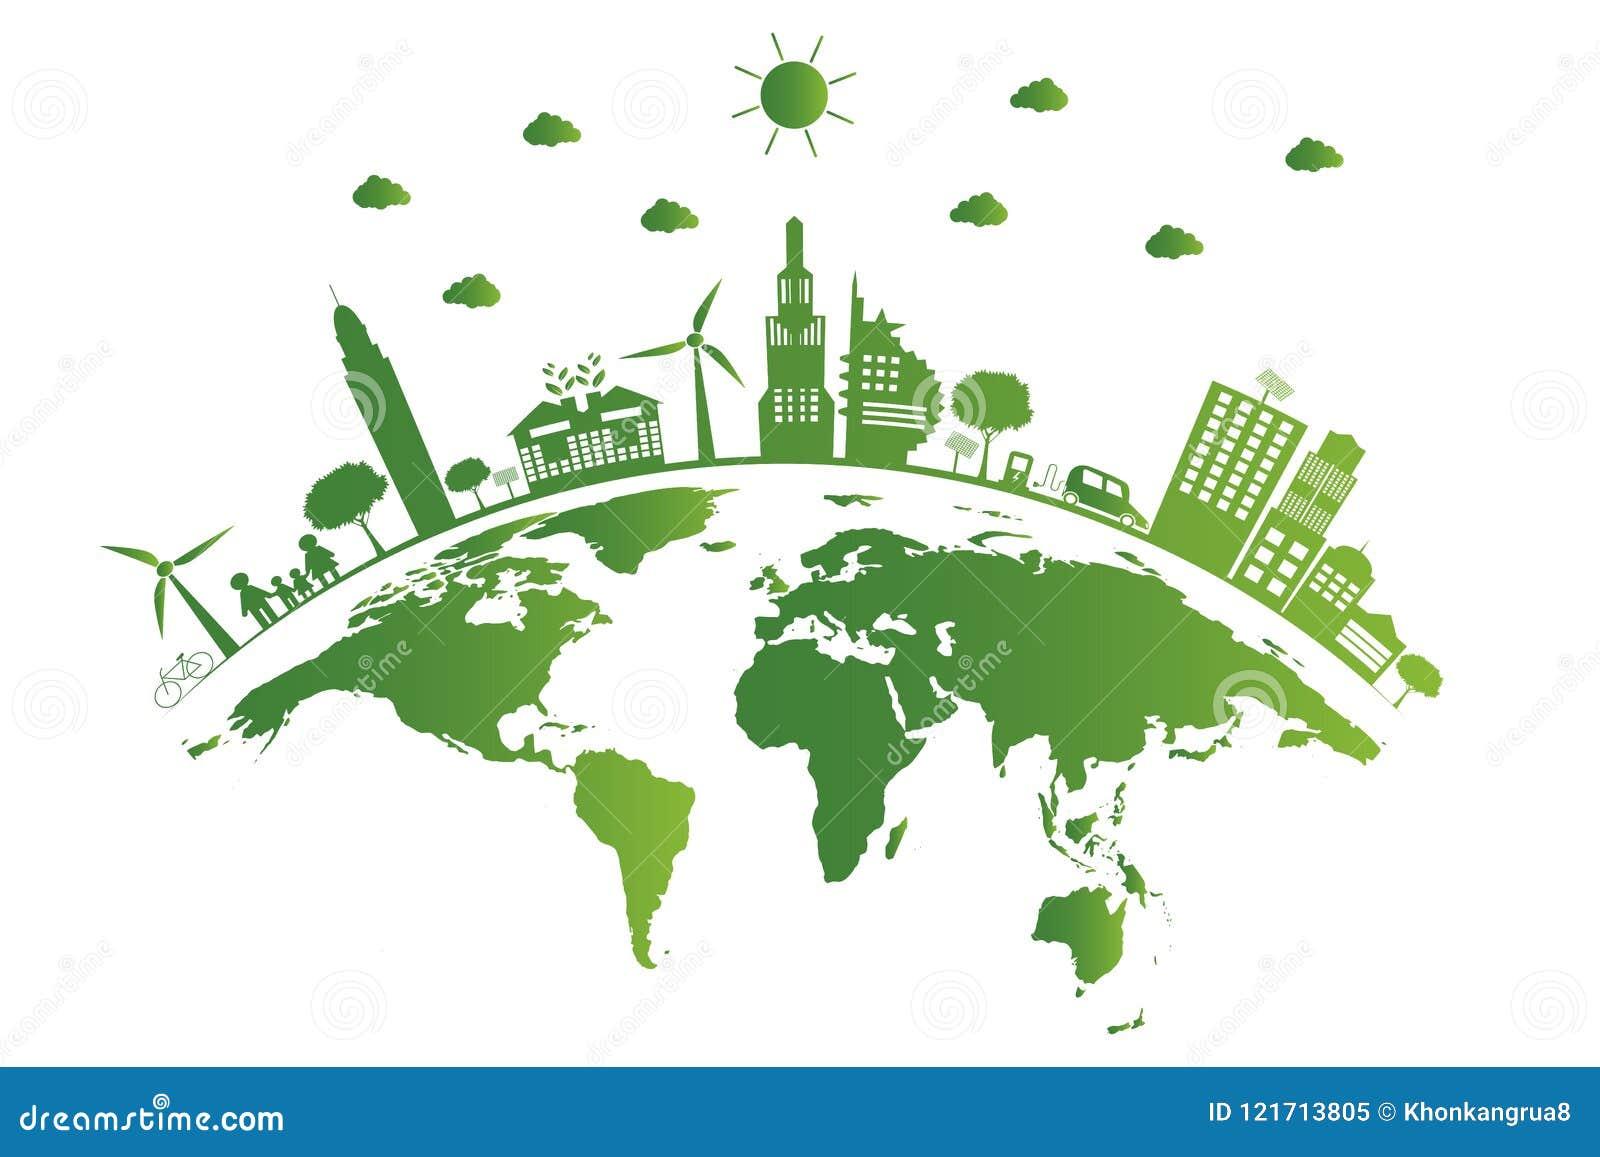 Ecologie De groene steden helpen de wereld, aarde met milieuvriendelijke conceptenideeën Vector illustratie